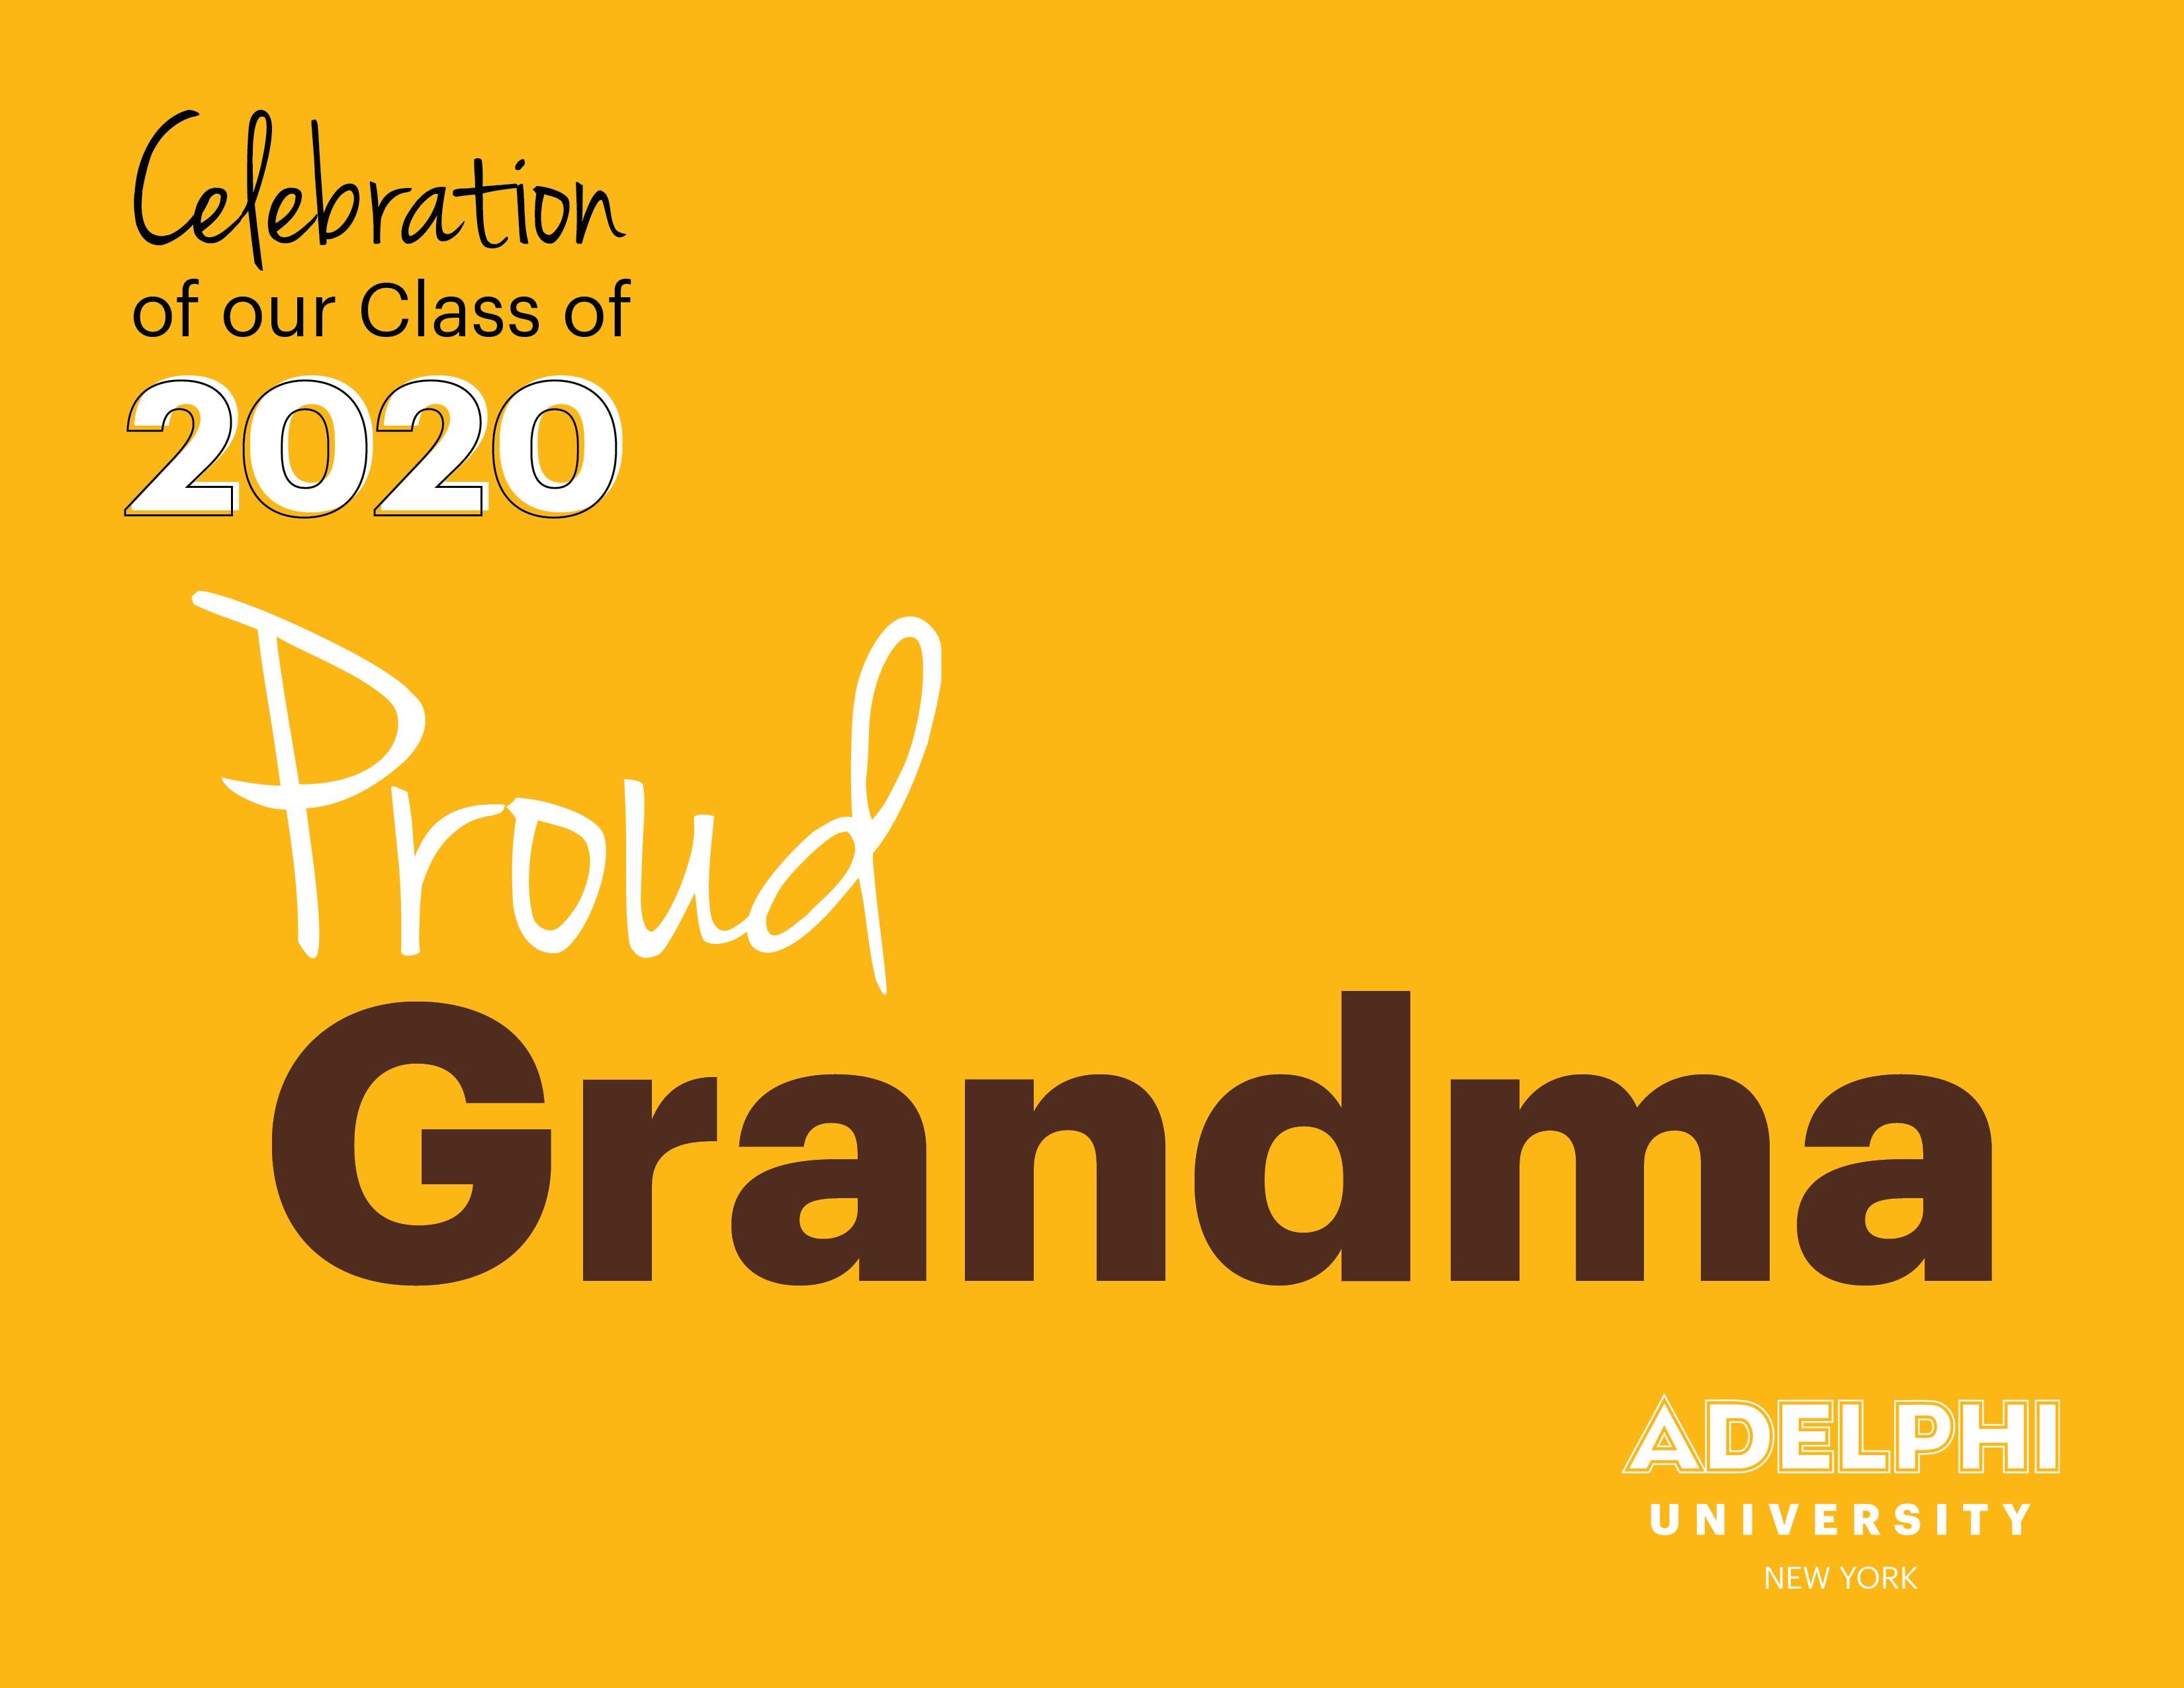 Class of 2020 - Proud Grandma!